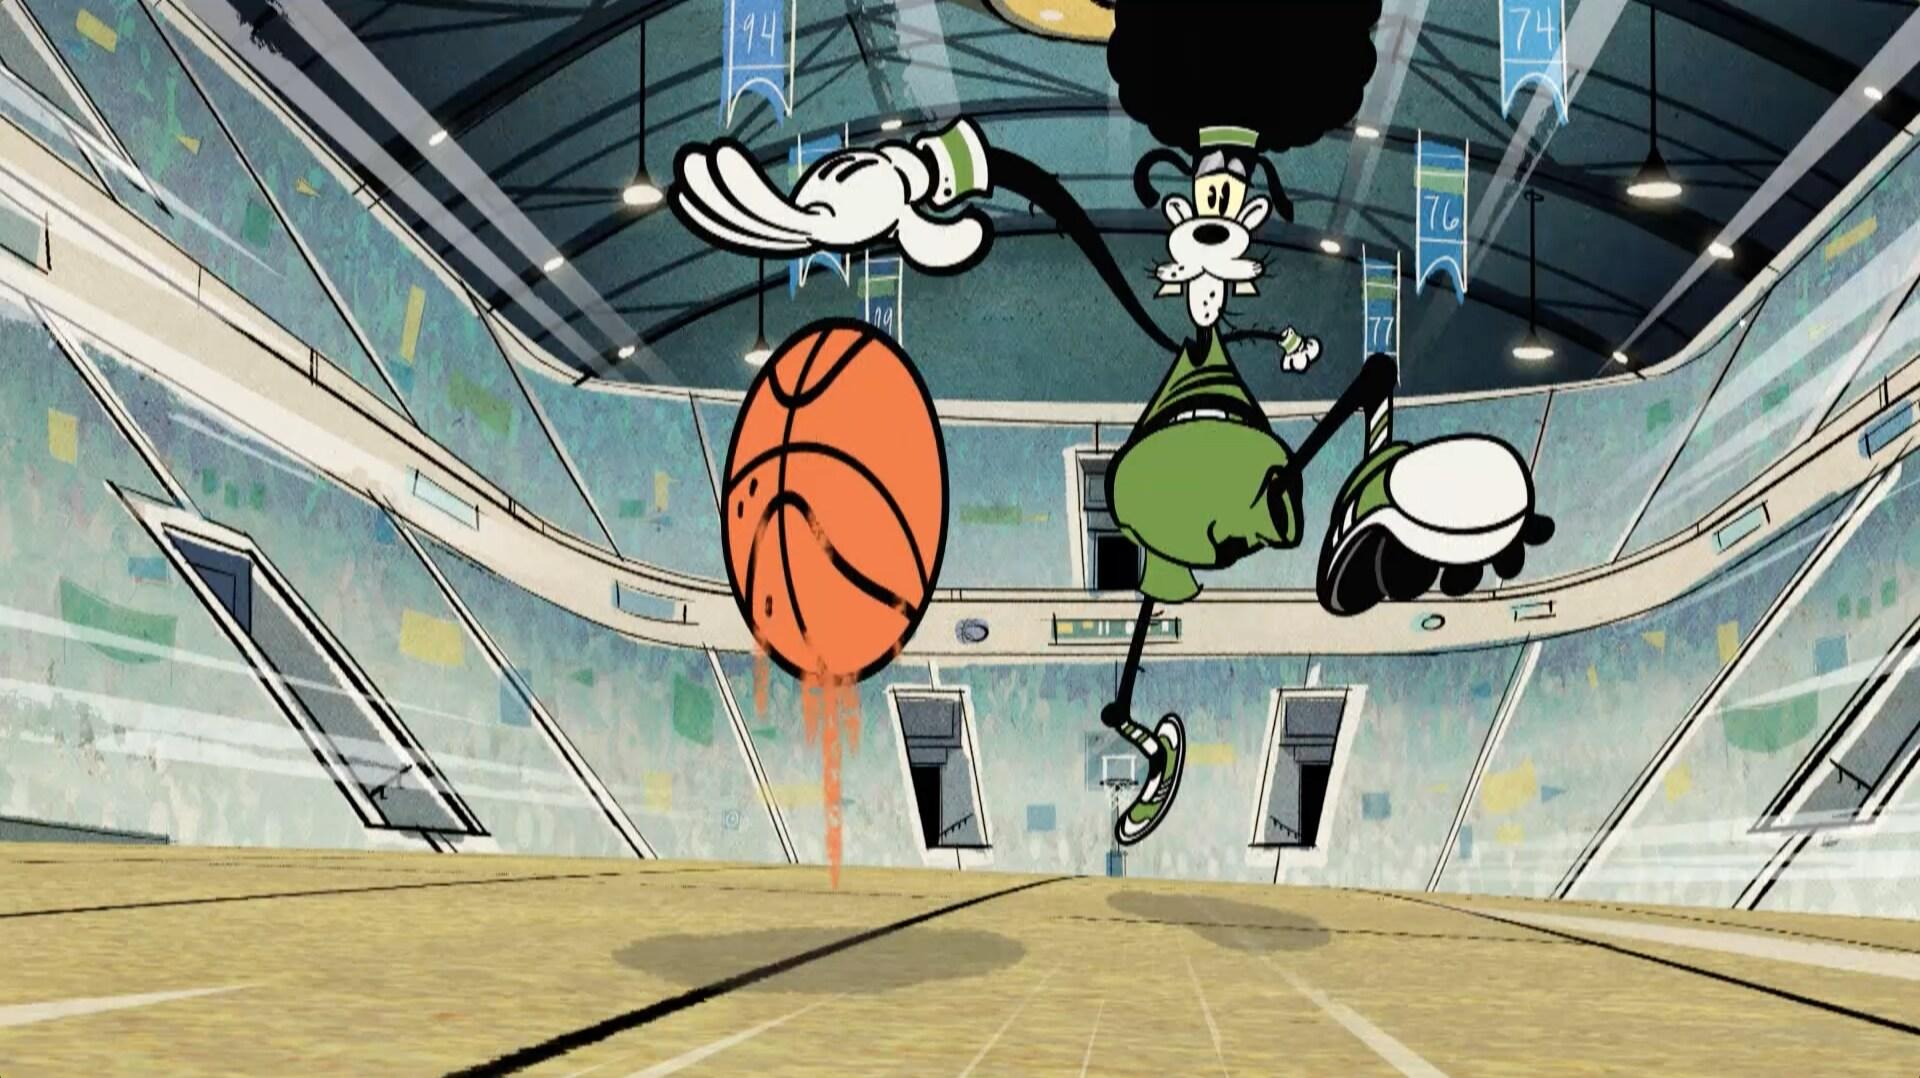 """""""Espírito esportivo"""" - Mickey Mouse"""